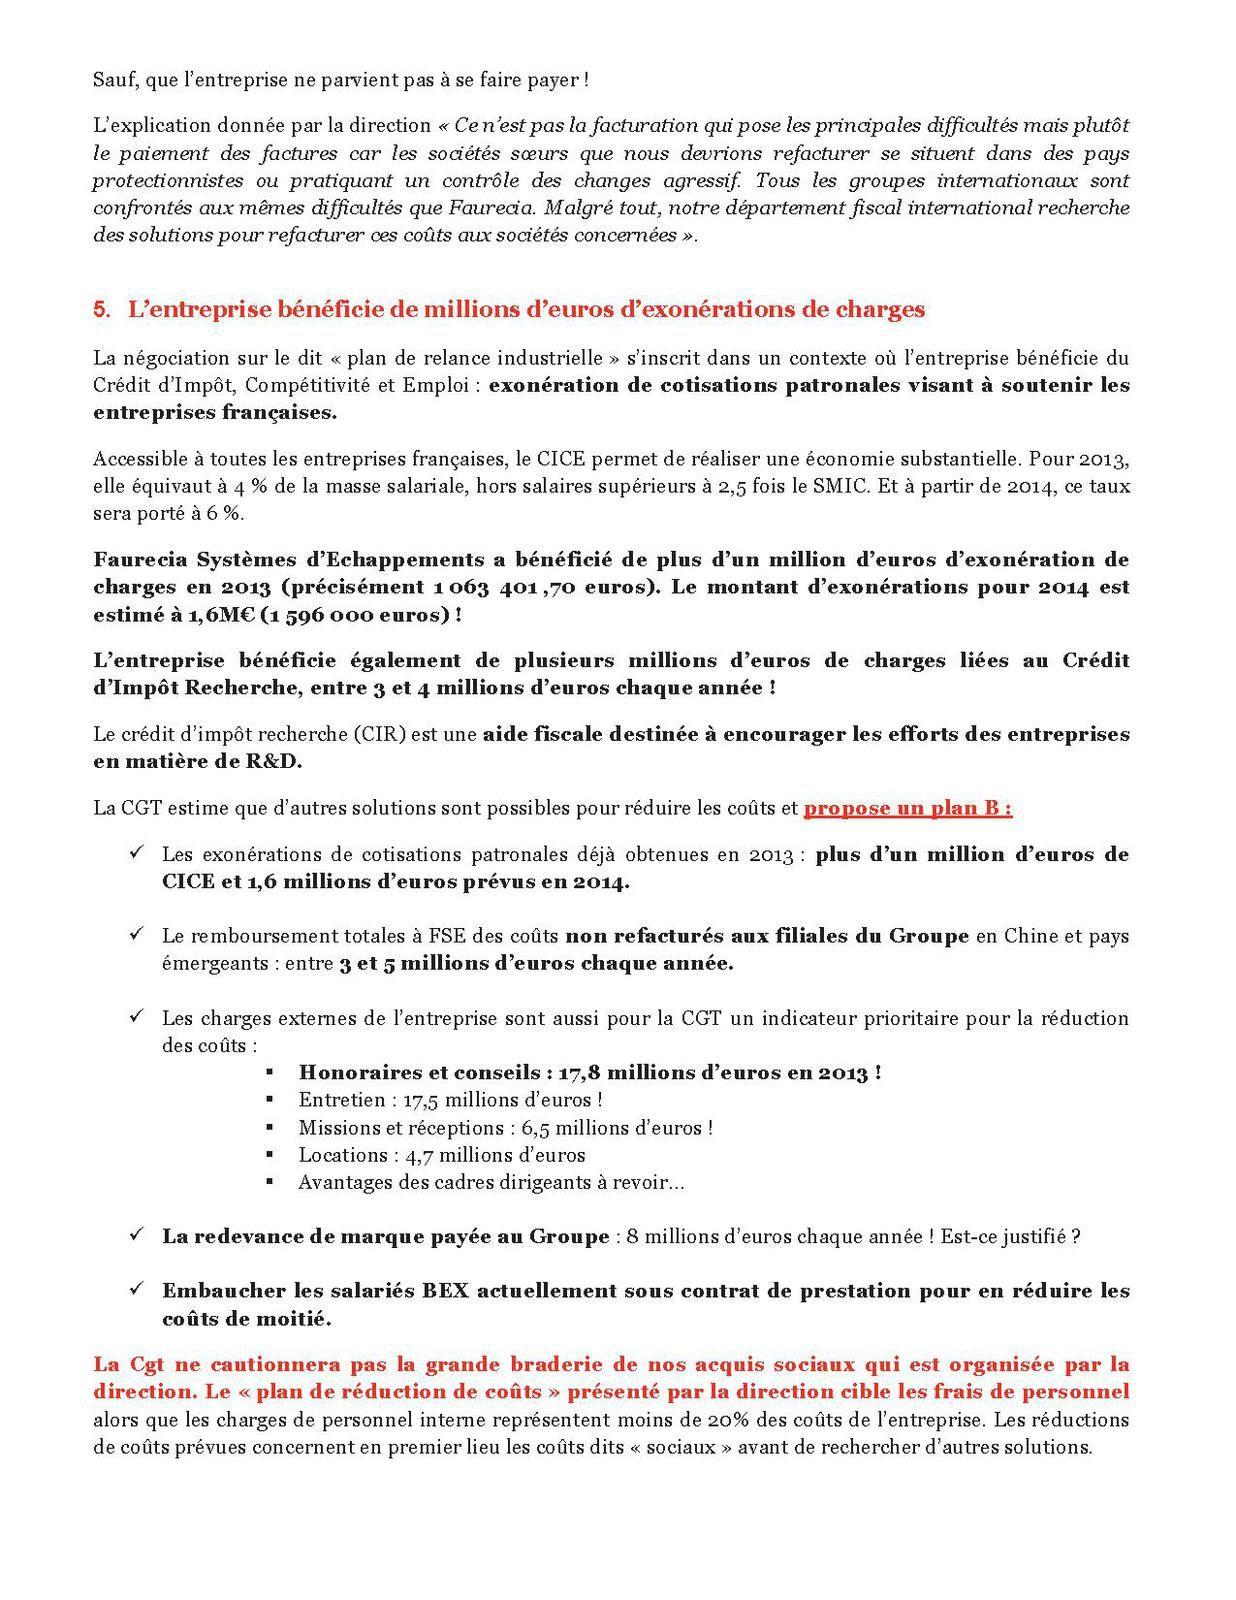 Communiqué CGT au Plan de Relance Industrielle de FSE